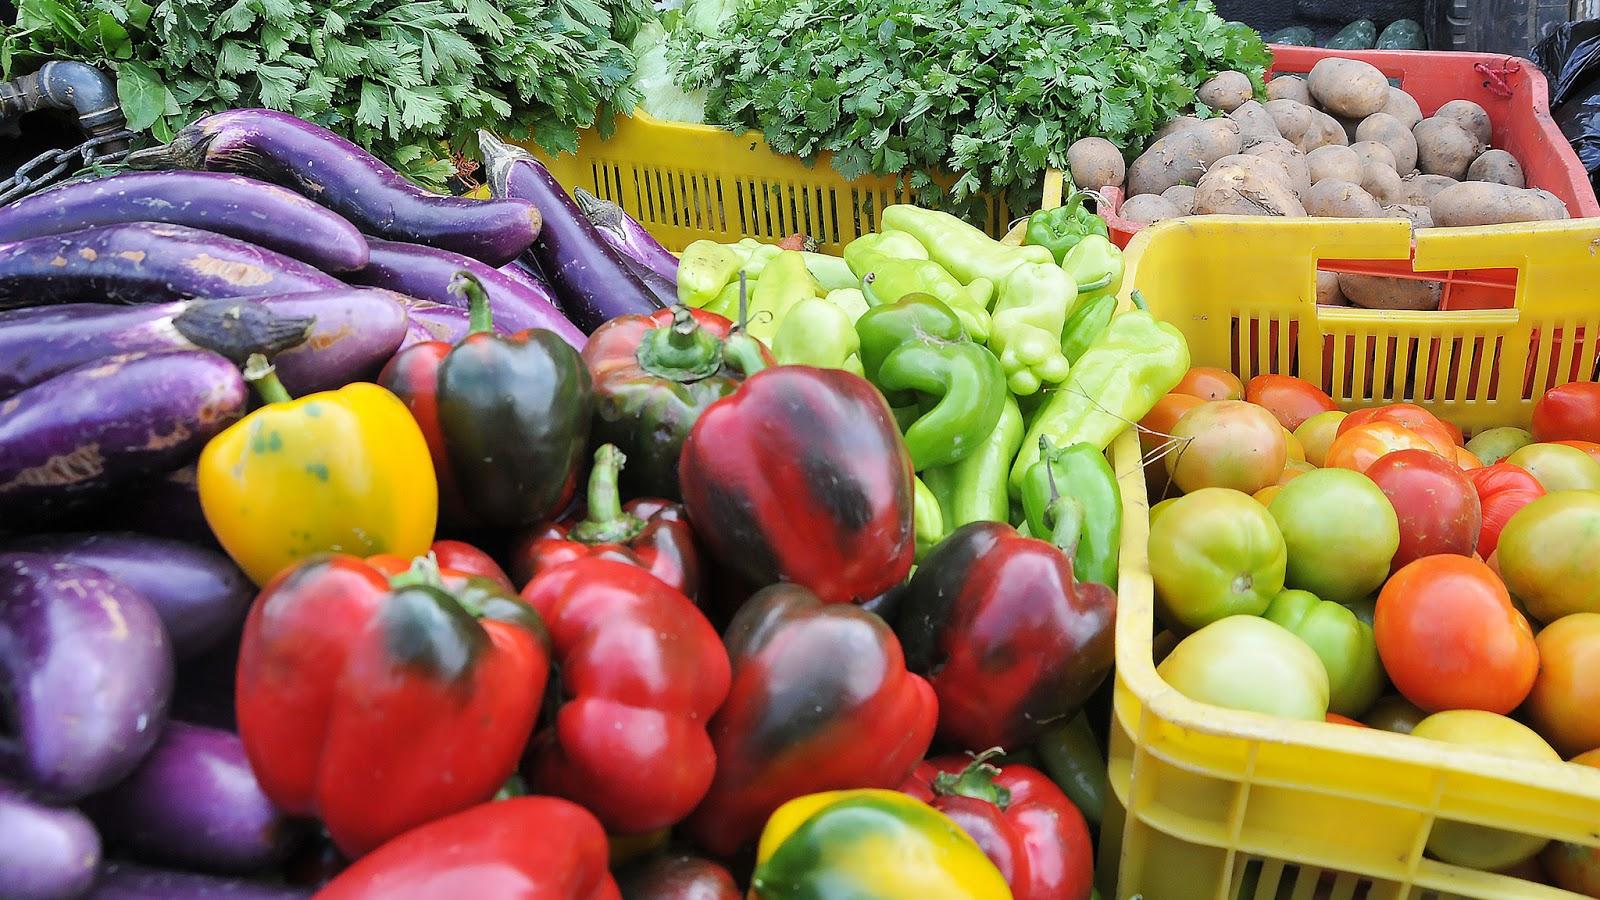 Estados Unidos levanta restricciones a exportaciones frutas y vegetales de República Dominicana